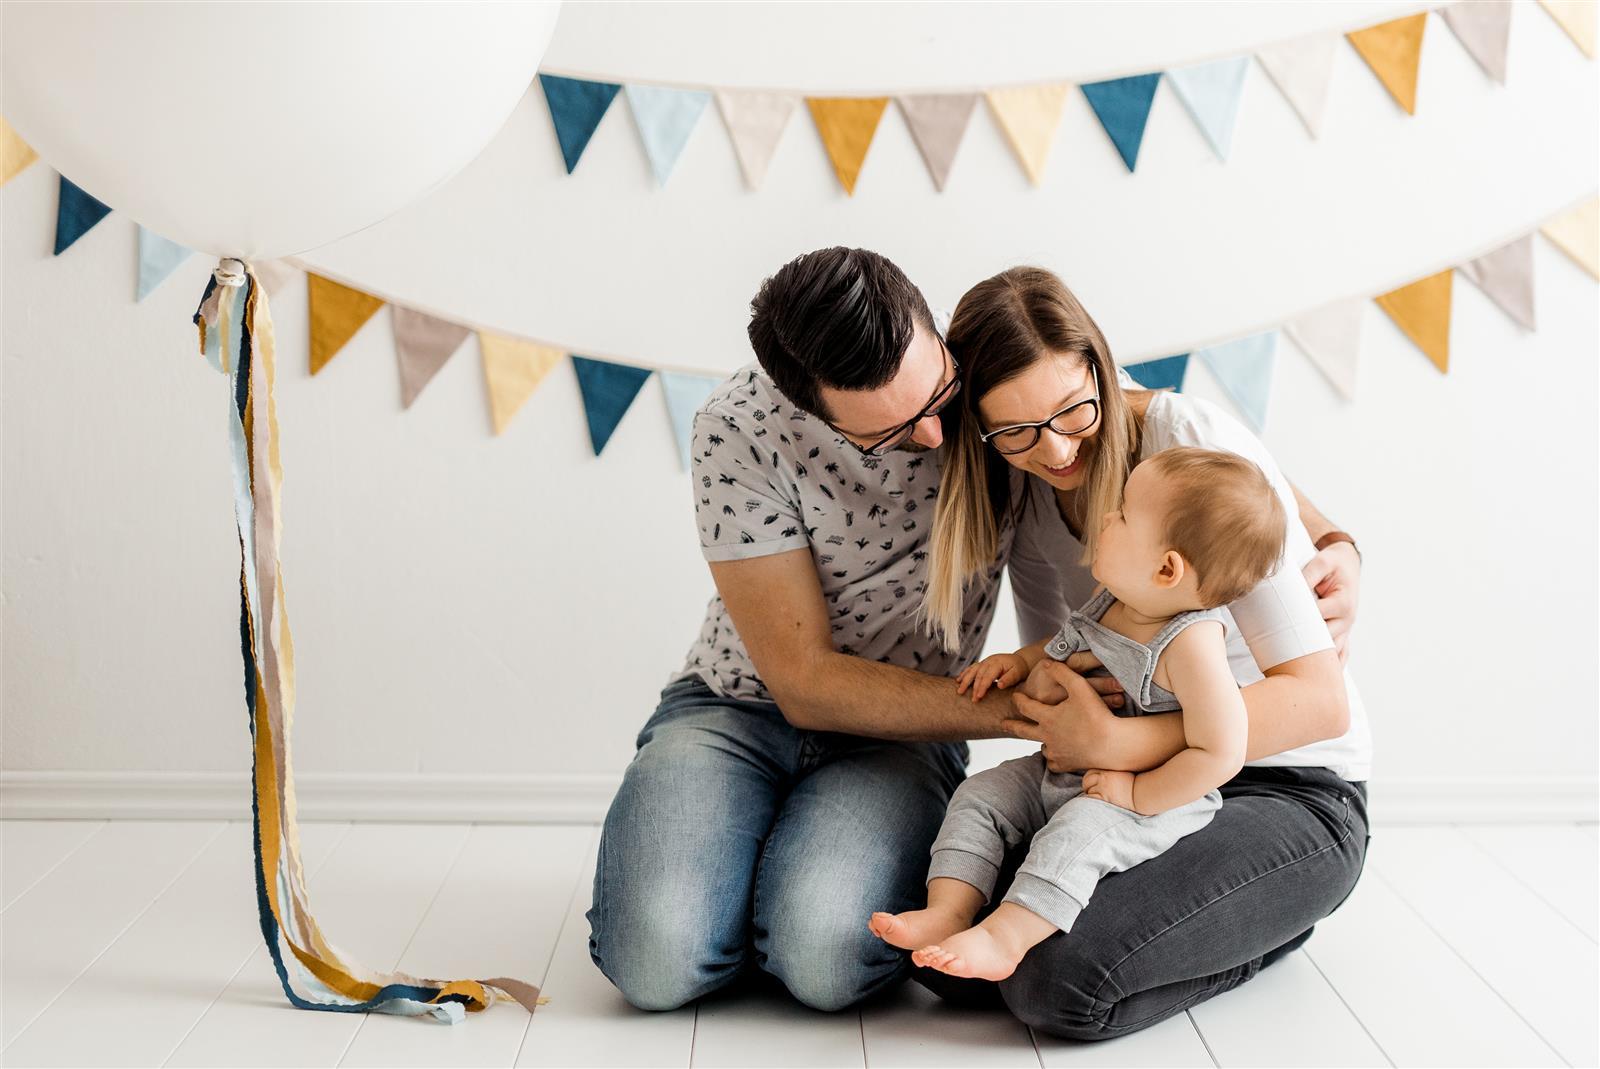 Fotografiranje za prvi rojstni dan, darilo za rojstni dan, darilo za dojenčka, darilo za 1 rojstni dan  1 druzinsko fotografiranje druzin